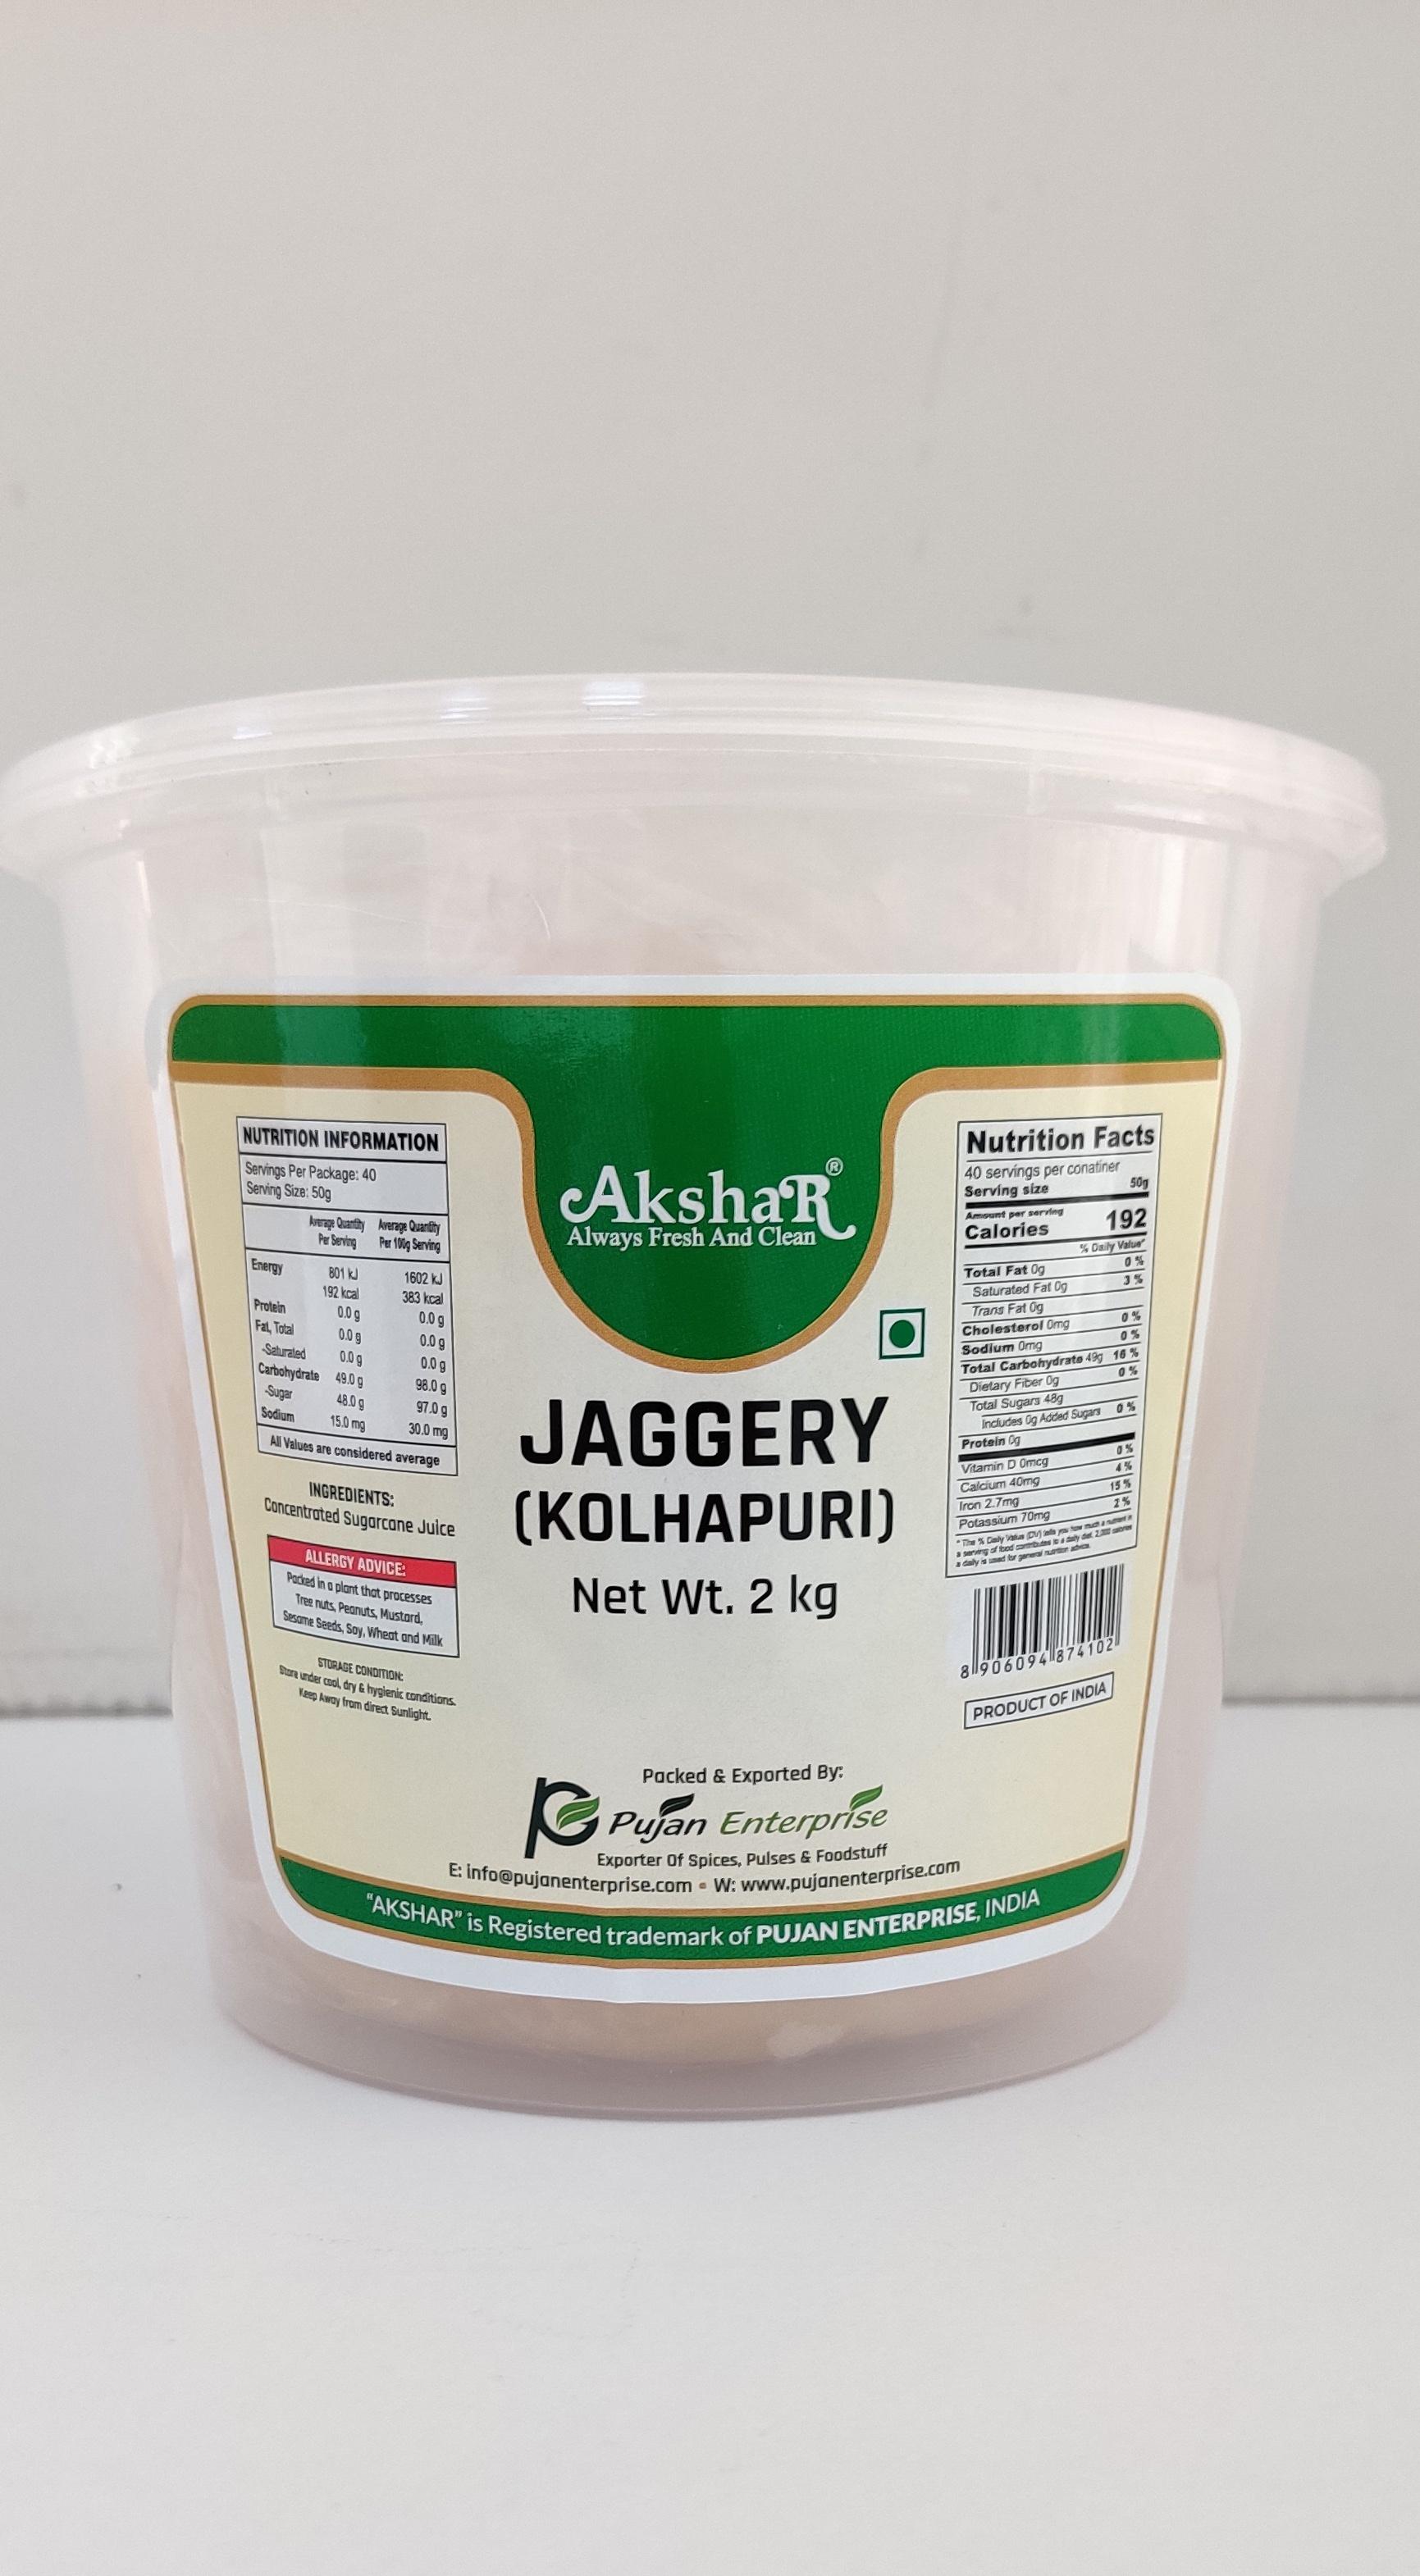 JAGGERY (KOLHAPURI)